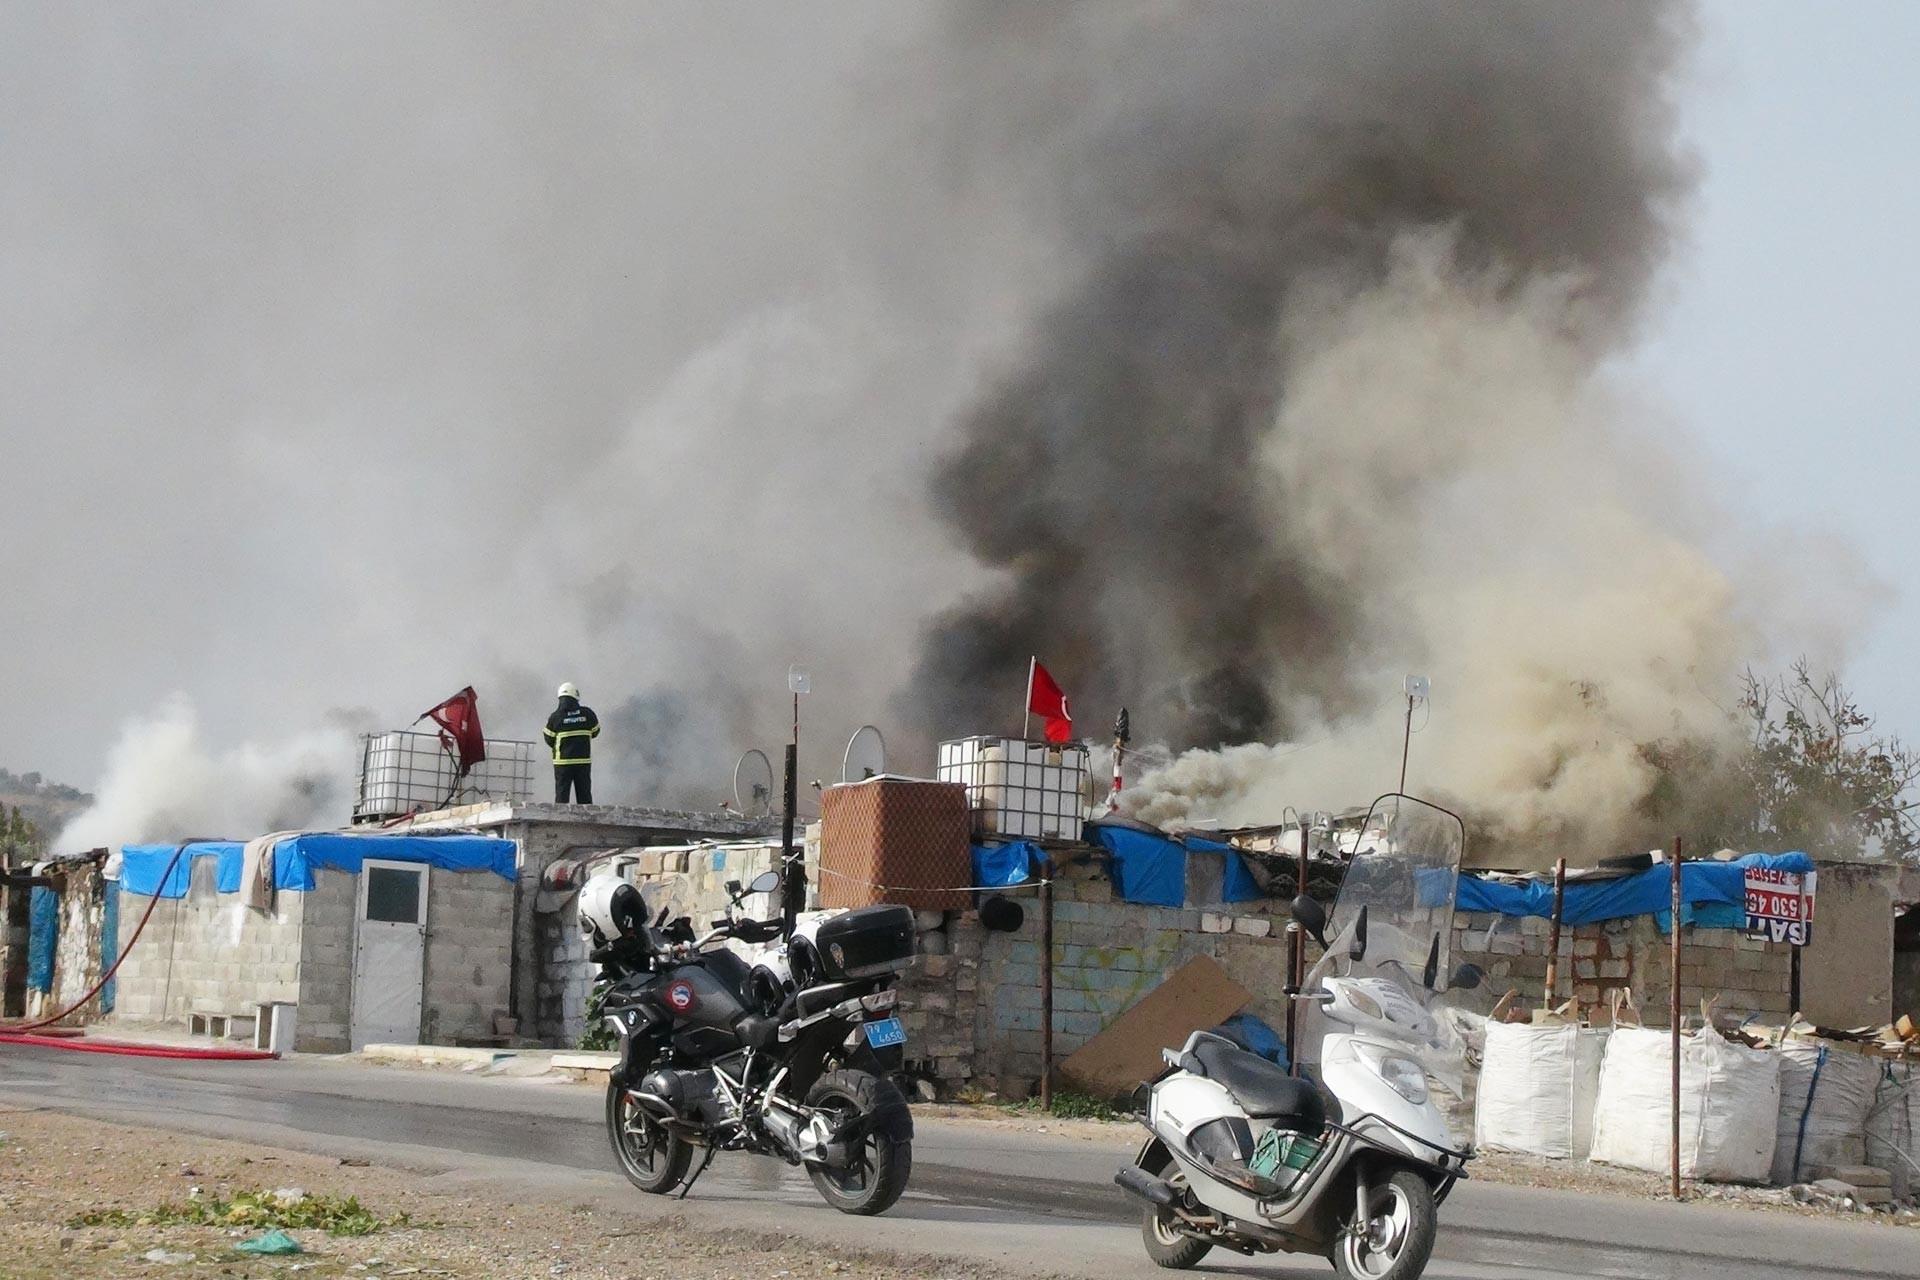 İtfaiye ekipleri barakada çıkan yangını söndürmeye çalışırken